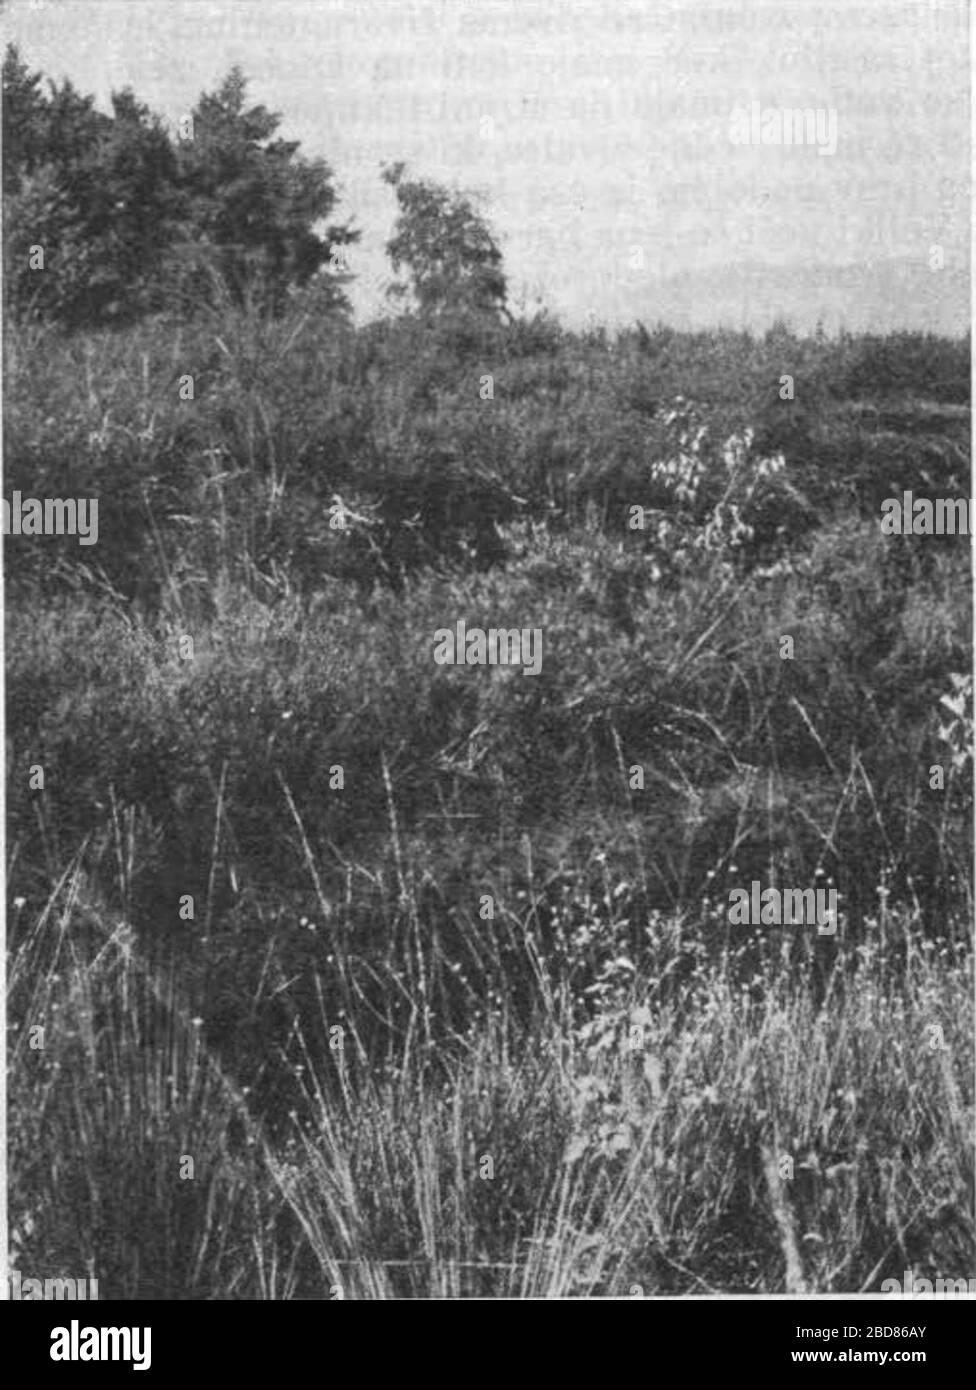 """""""Slovenščina: Pokrajina v bližini Grmeza. Tla so poraščena s mnogovrstnimi šaši (Carex), kljunko (Rhynchospora alba), bico (Schoenoplectus coronatus) in mnogimi dru- gimi rastlinami, ki raslo zgolj na barju. Grmovje v ozadju je večinoma krhljivka (Rhamnus frangula).; 1943; This image is available from the Digital Library of Slovenia under the reference number NZODPTIE  This tag does not indicate the copyright status of the attached work. A normal copyright tag is still required. See Commons:Licensing for more information. Deutsch  English  español  italiano  македонски  polski  português Stock Photo"""